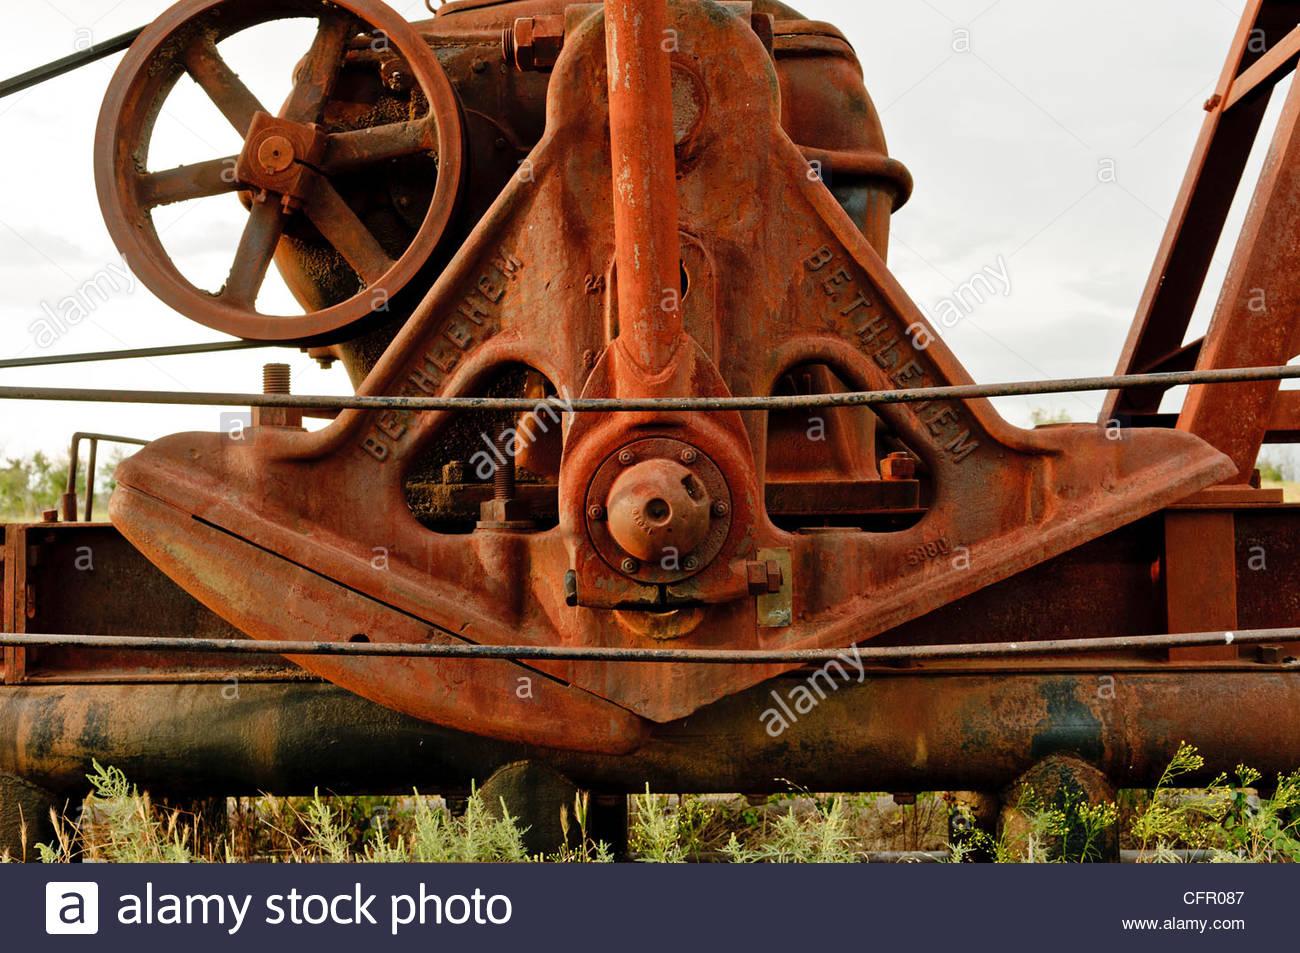 Old Bethlehem Steel Pump Jack, Flint Hills, Hamilton, KS., Sept. 10, 2011 - Stock Image